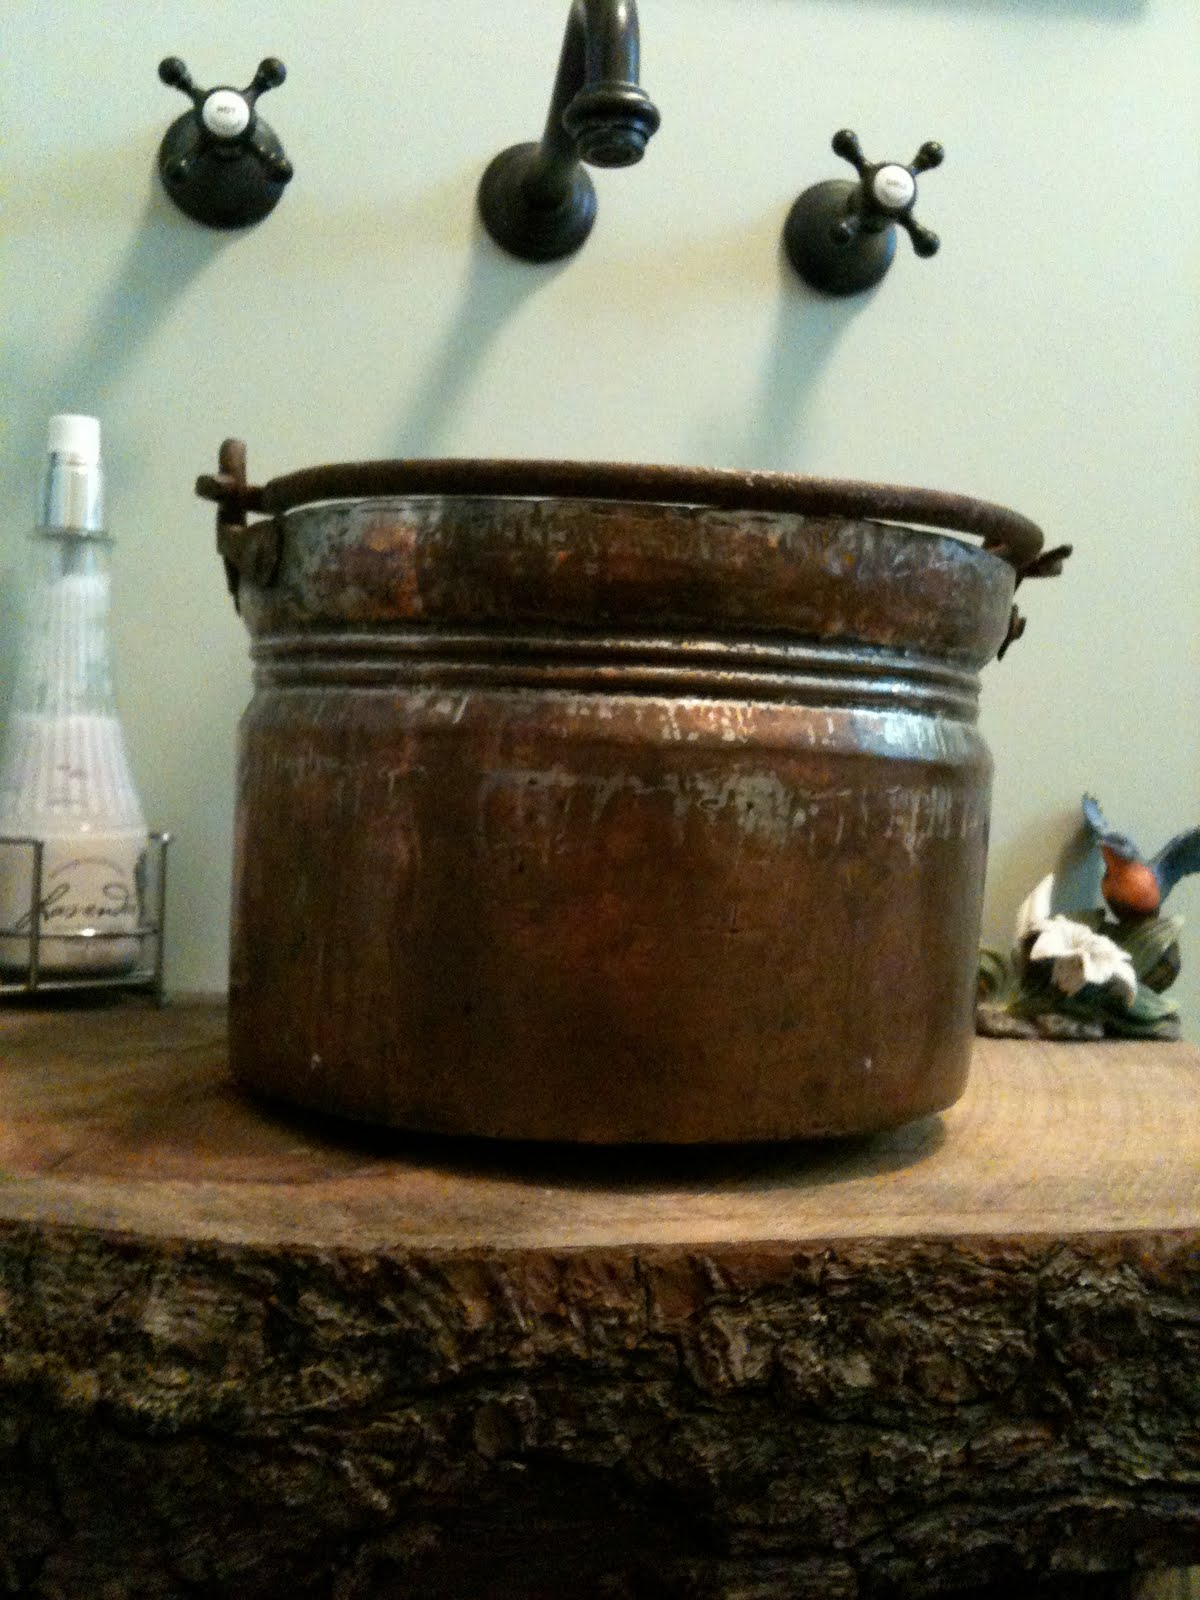 Bucket Vessel Sink : Copper Bucket Vessel Sink - The Pink Pixie Forest